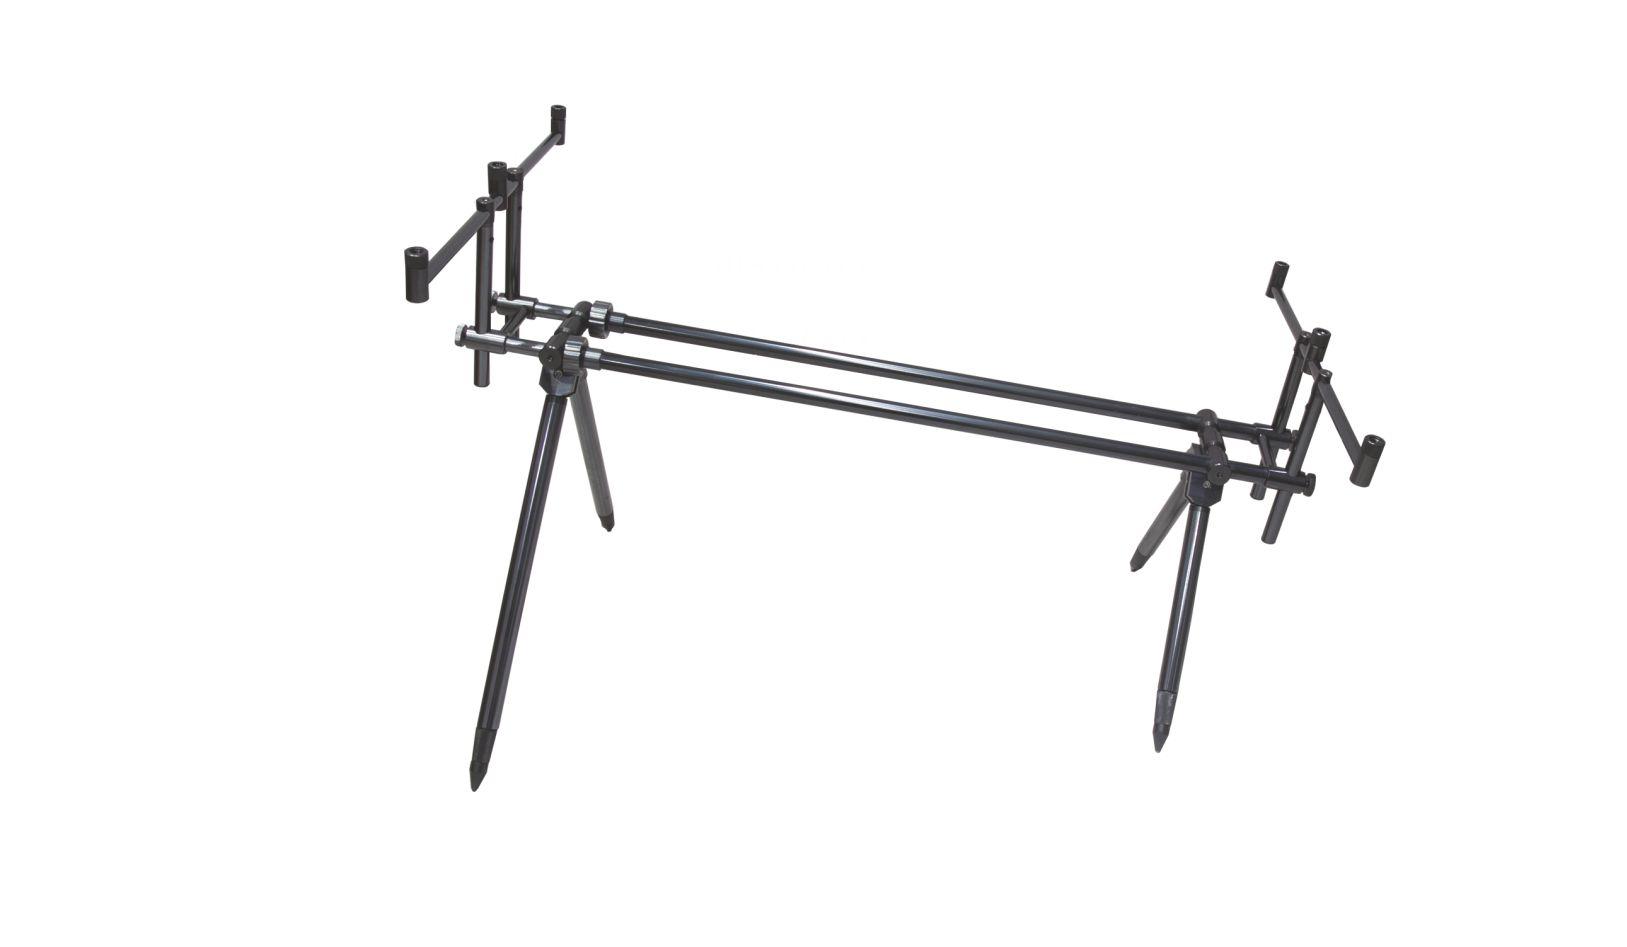 Mistrall - Mistrall stojan Rod Pod na 3 pruty, 3 kg